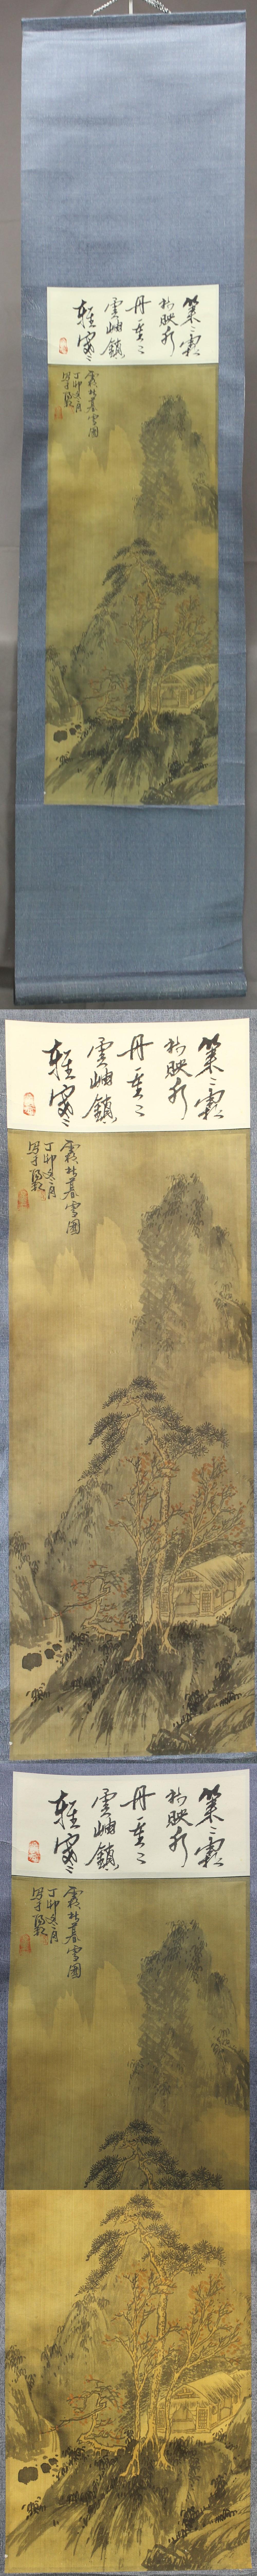 221軸桂林山水4本組5